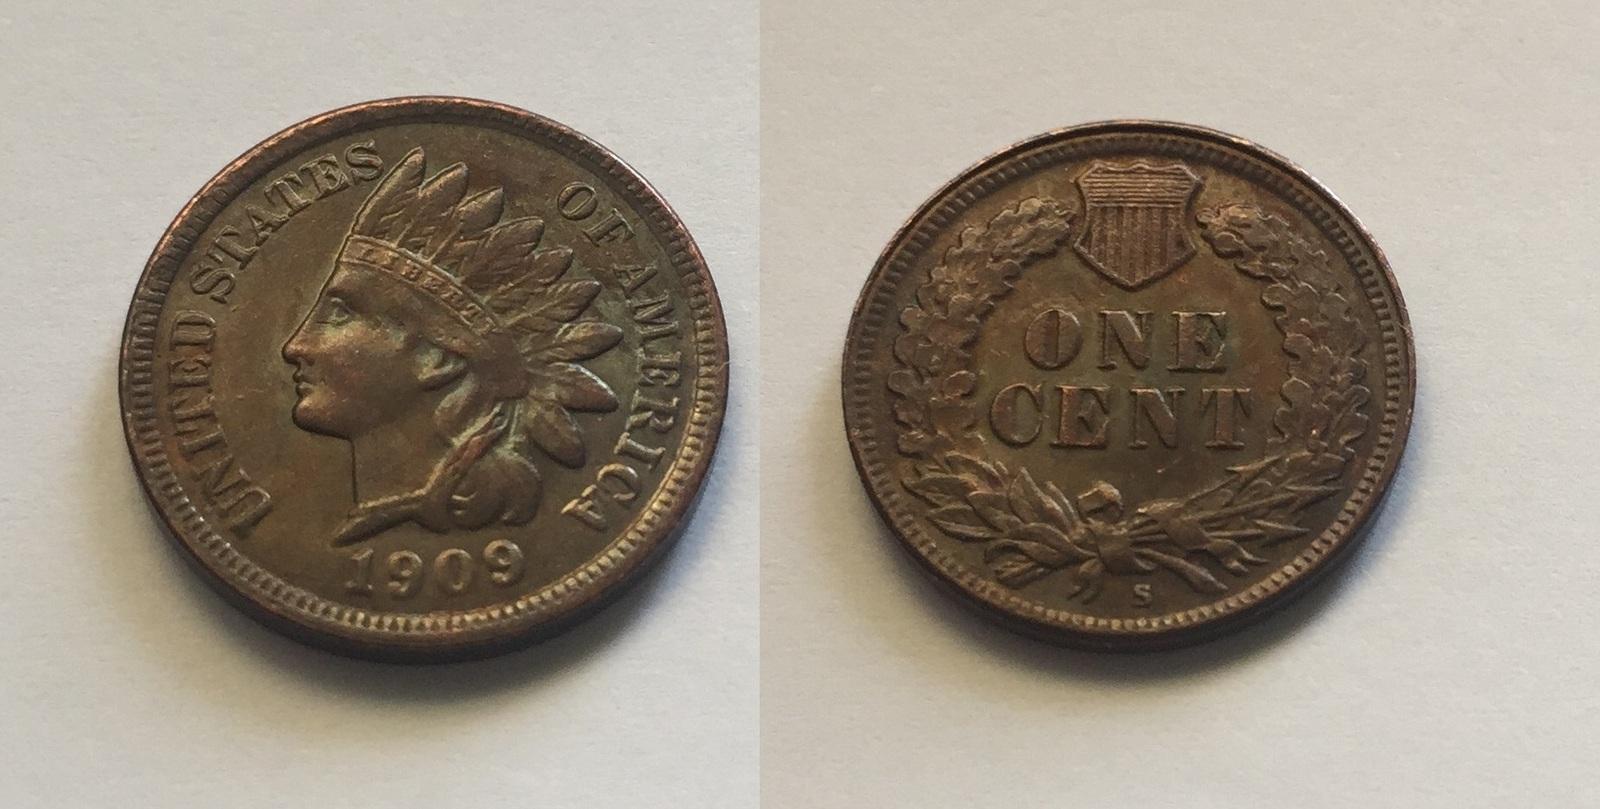 Indian Head Cent 1909 S Fantasy Souvenir Token - $19.99